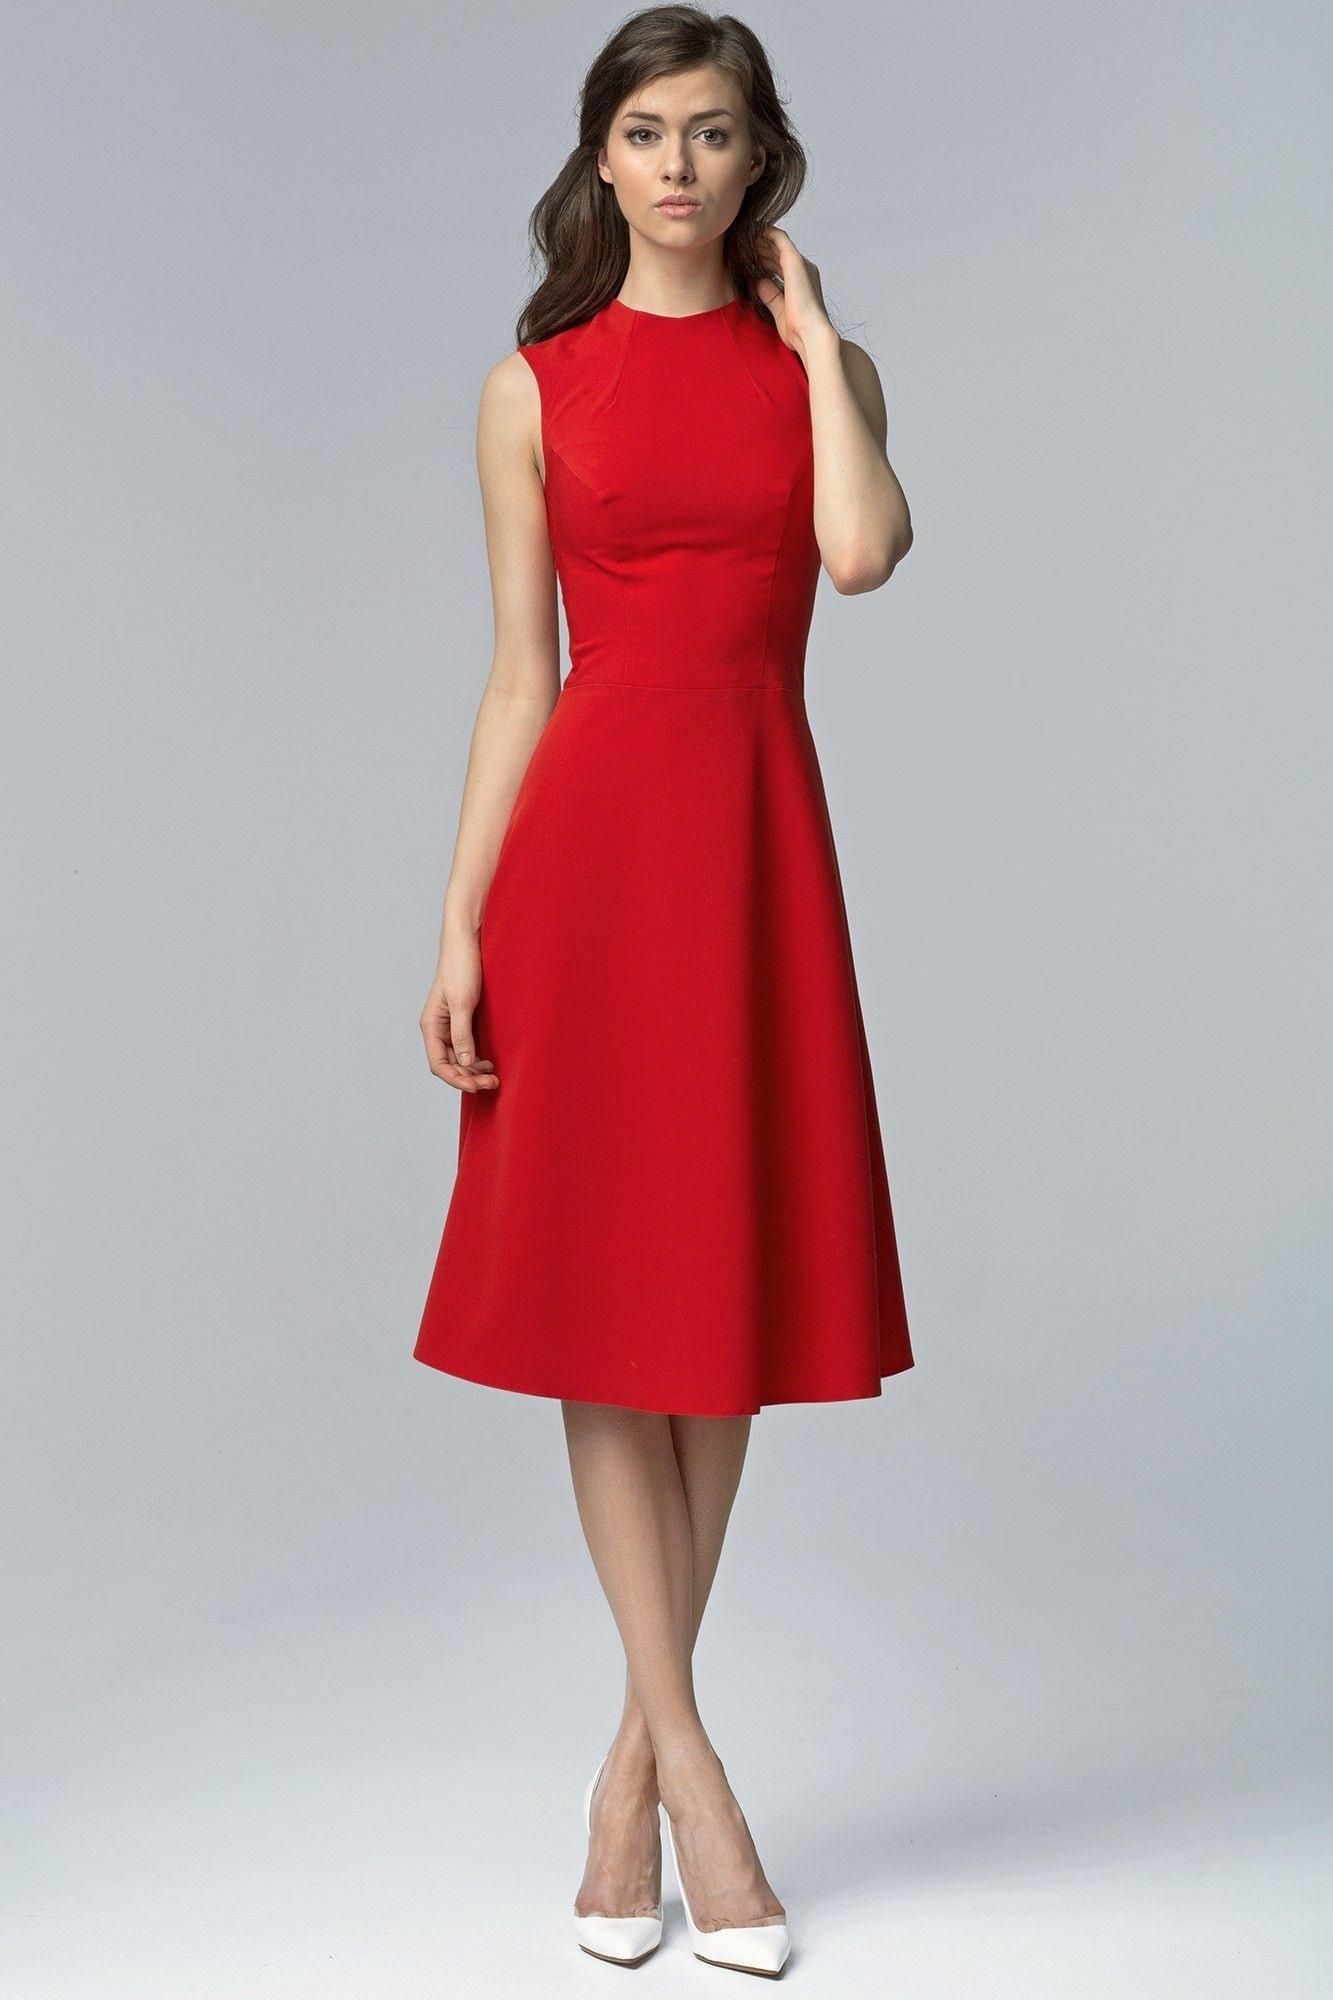 Rotes kleid fur hochzeit